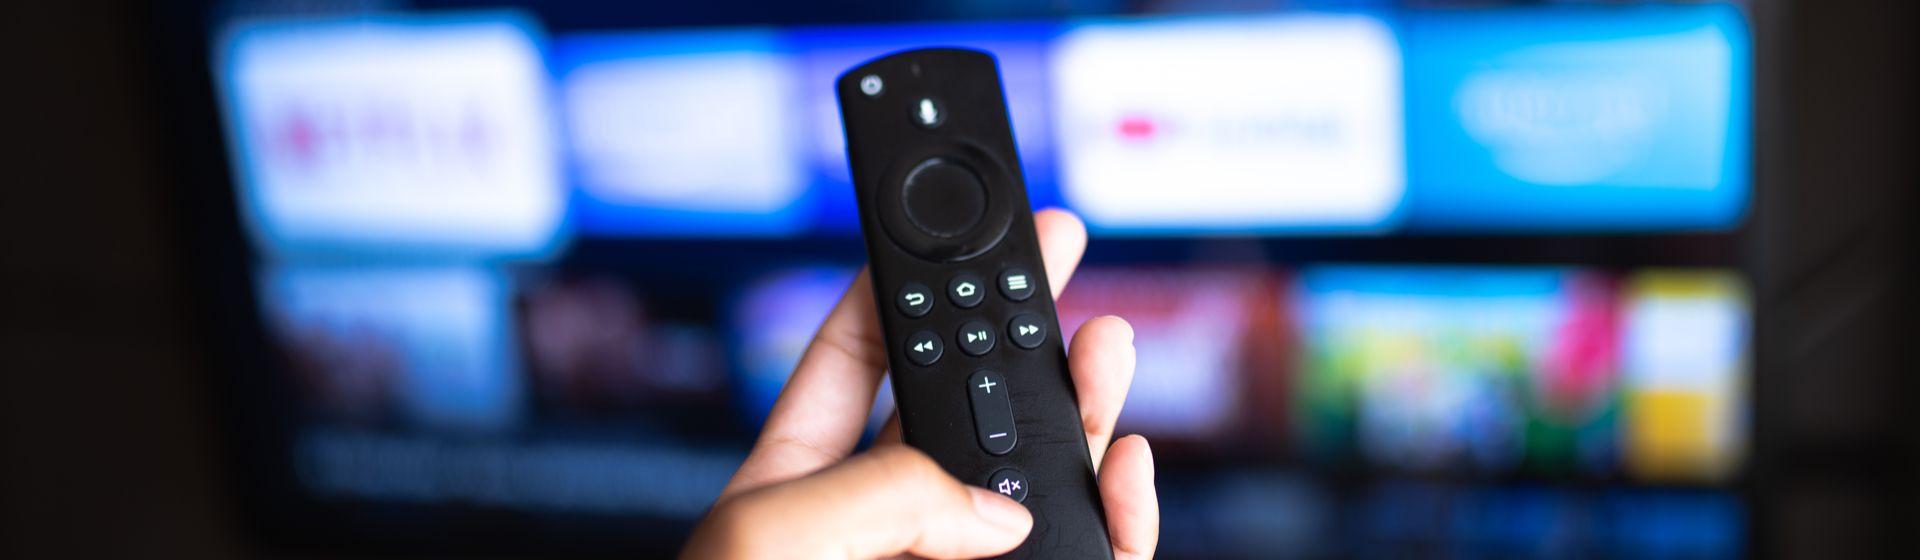 Amazon fire TV stick 4K: o que muda? Confira a análise dessa TV Box